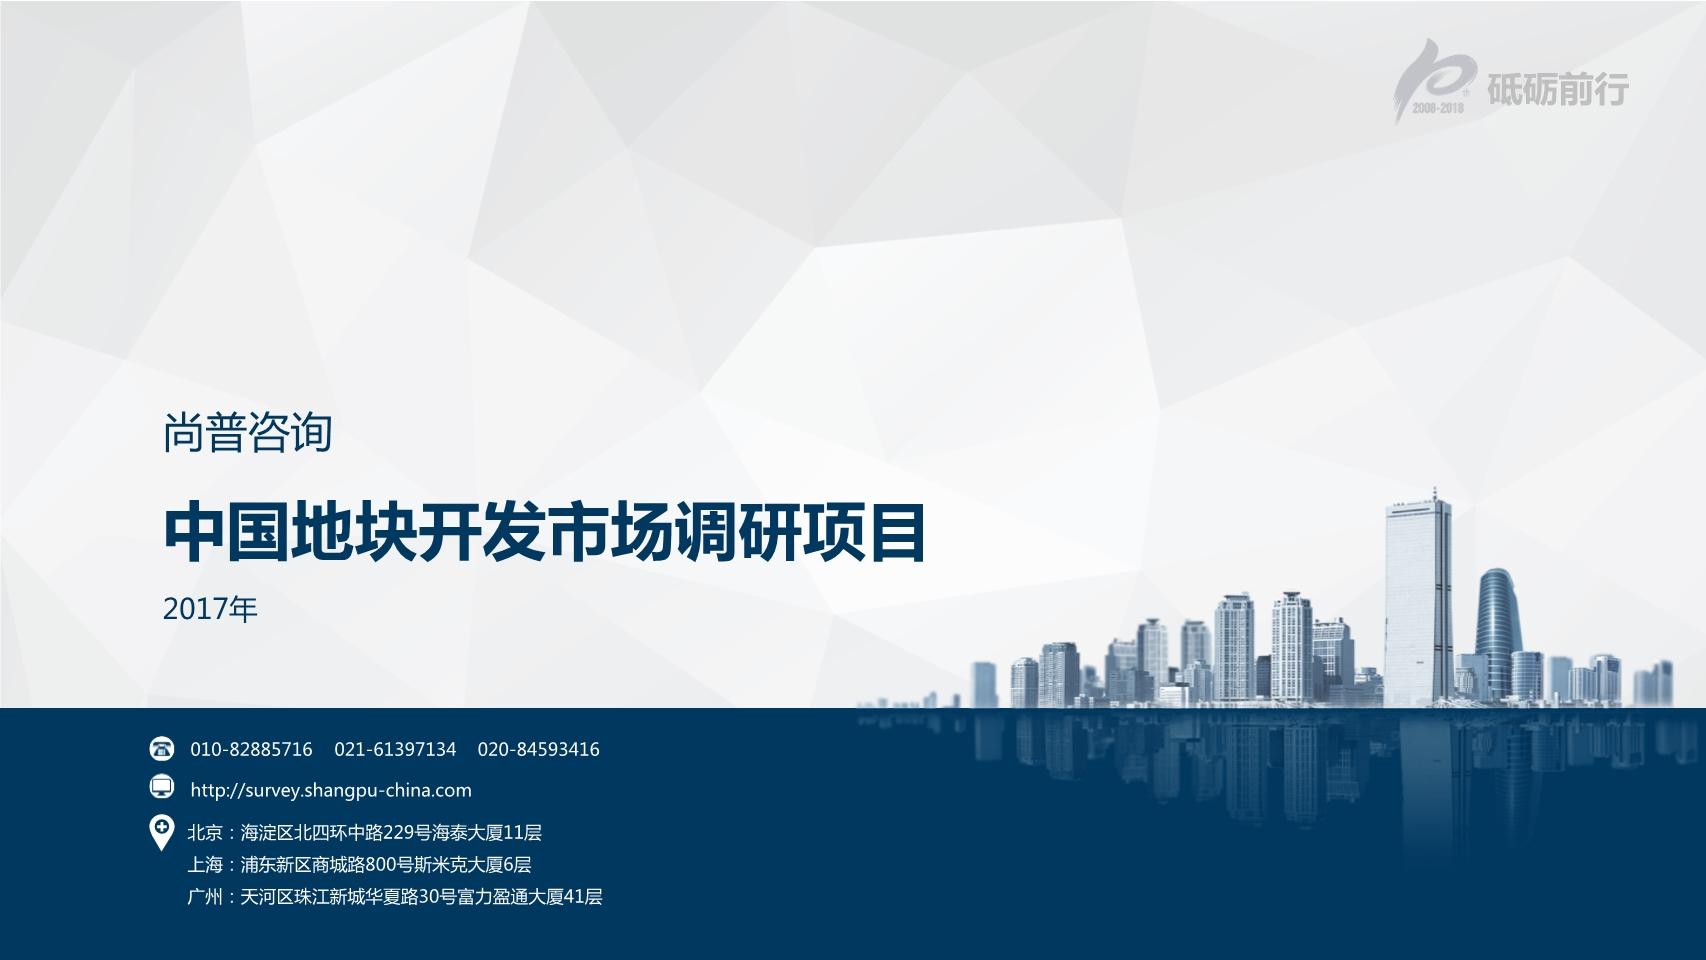 尚普咨询-中国地块开发市场调研项目